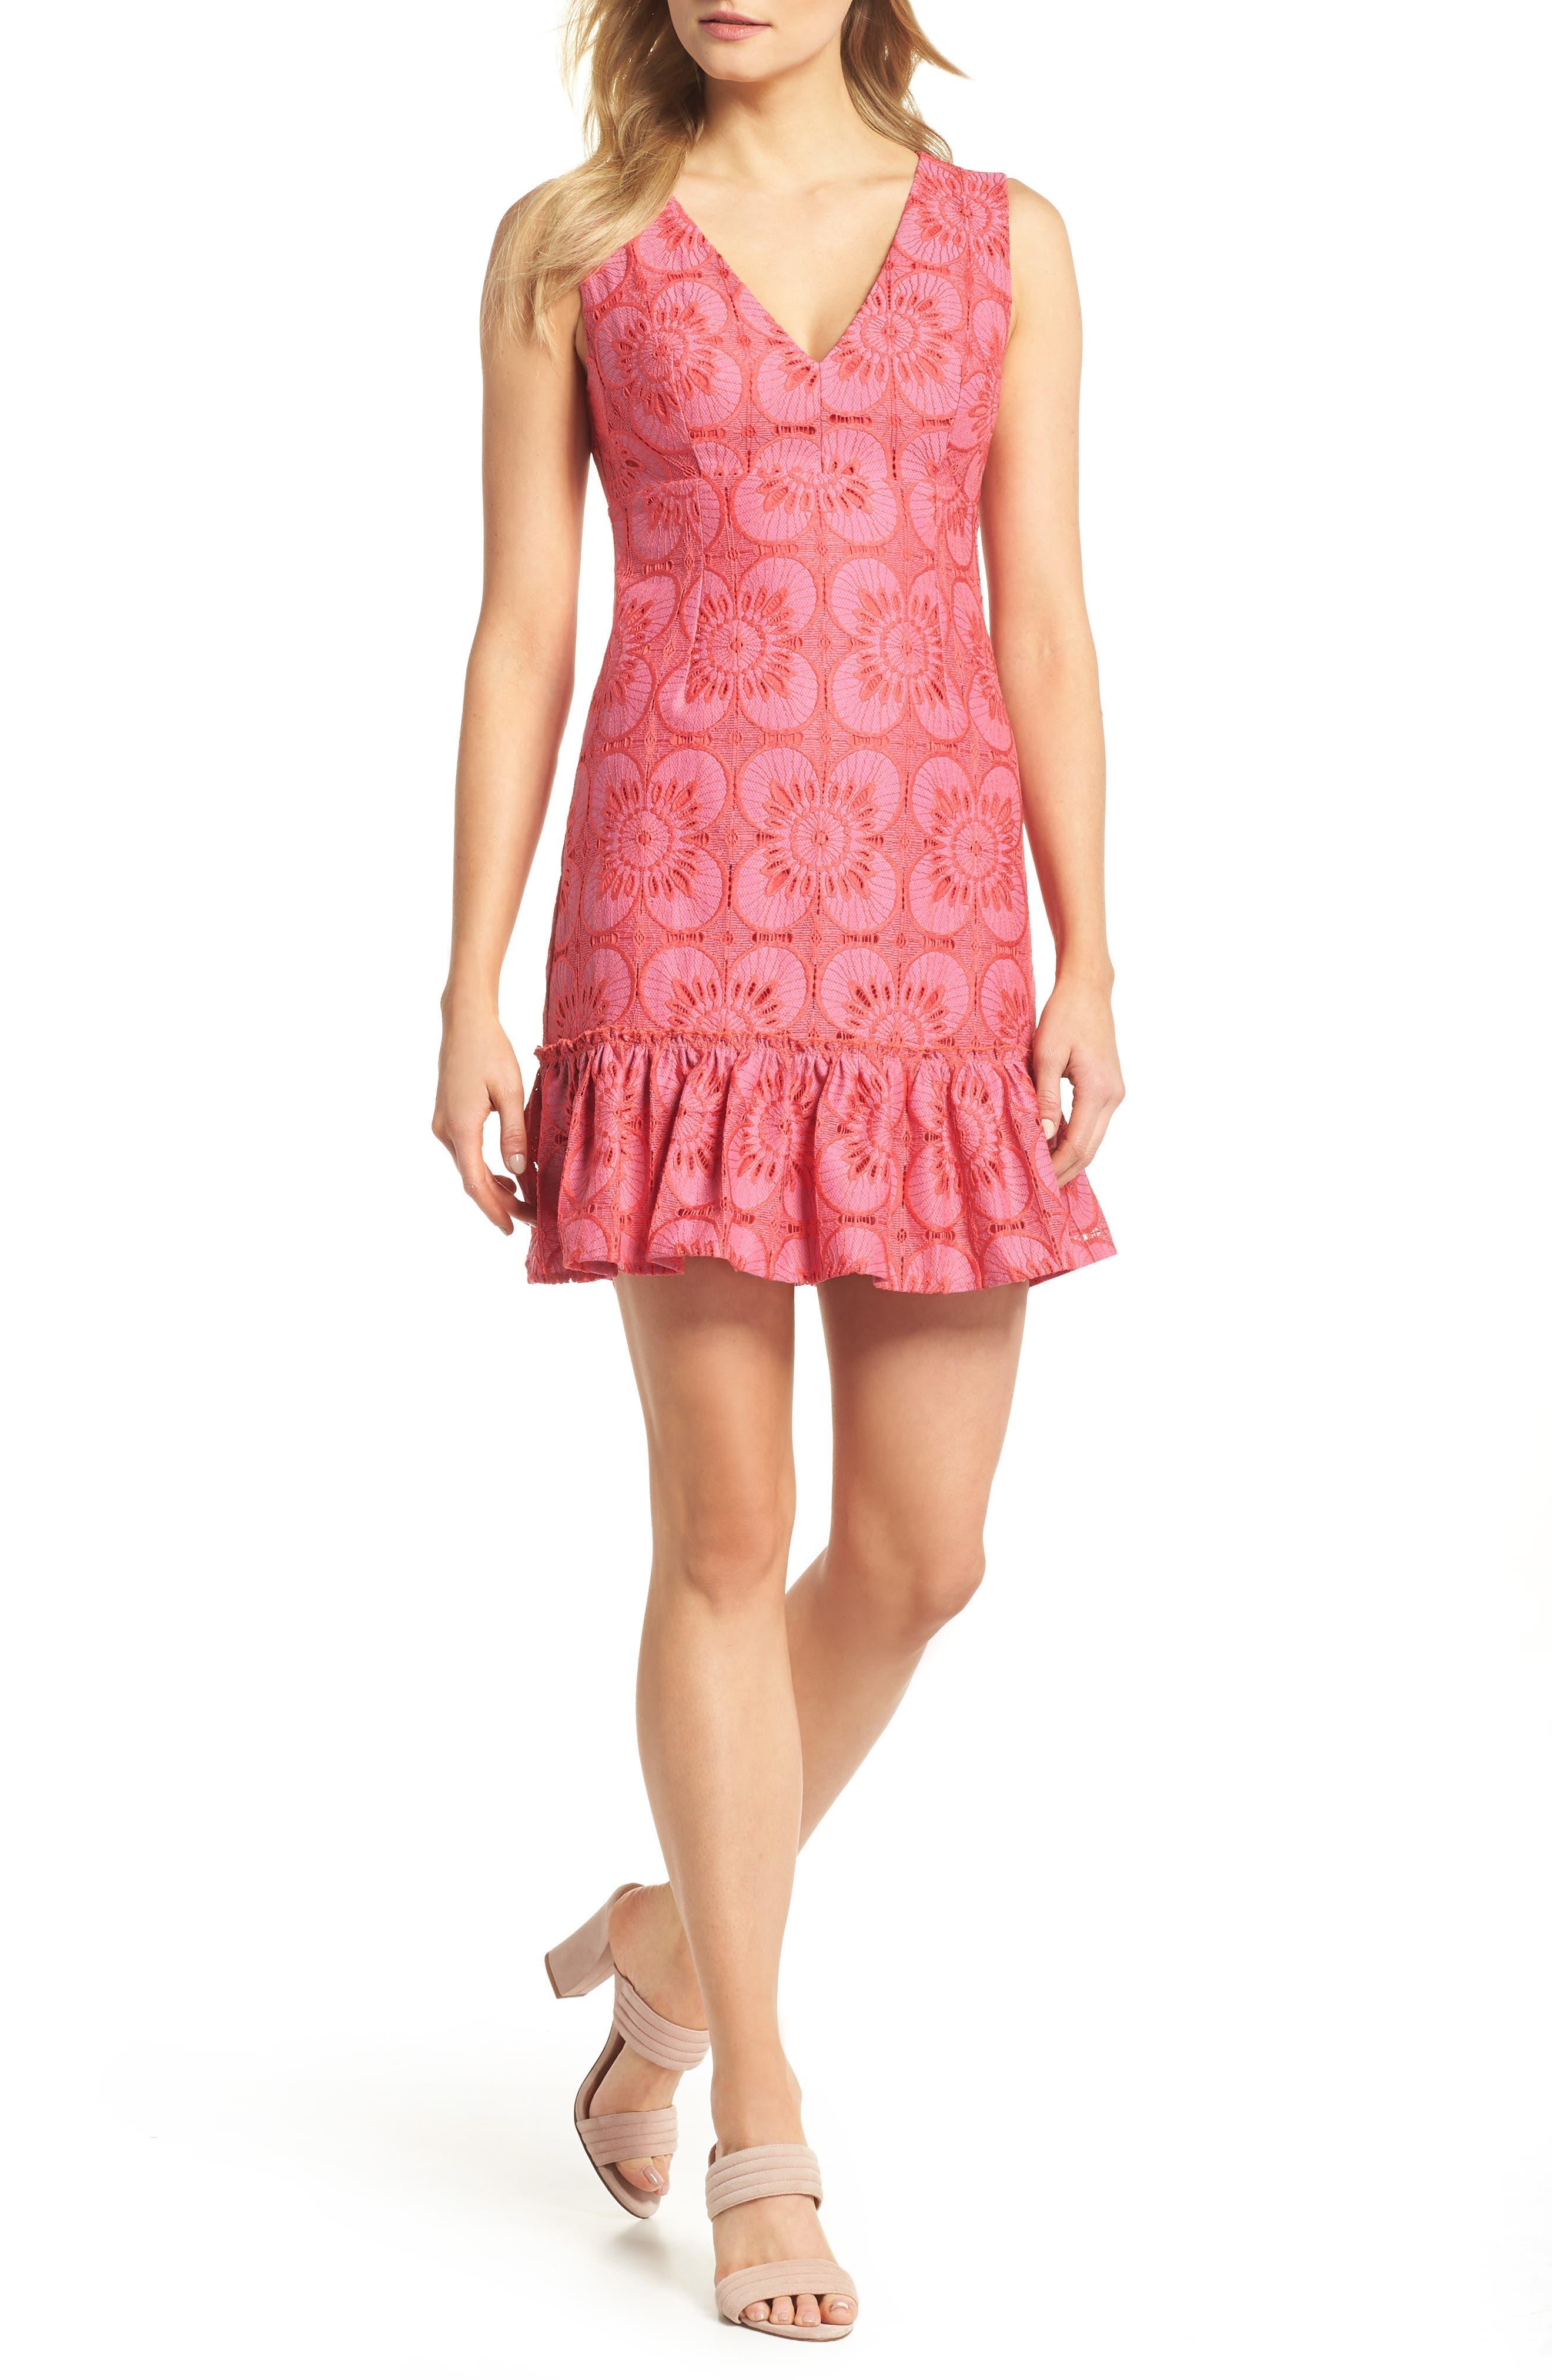 Carpinteria Lace Ruffle Hem Dress,                         Main,                         color, 650